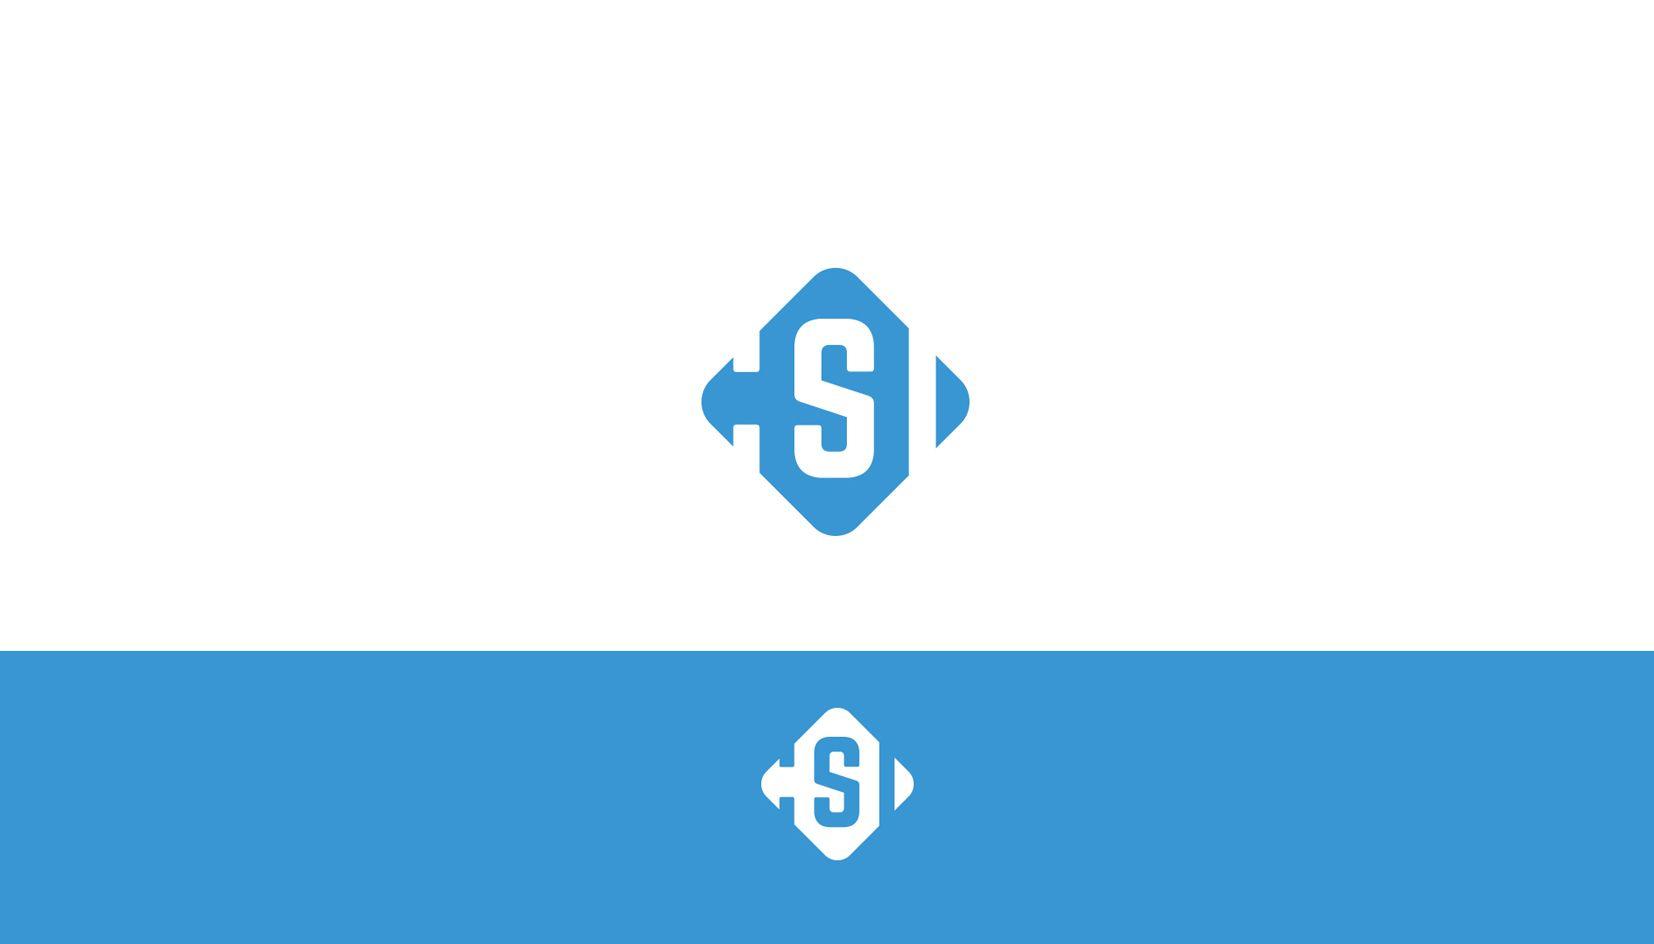 Лого и фирменный стиль для Crystal Service Integration - дизайнер andblin61